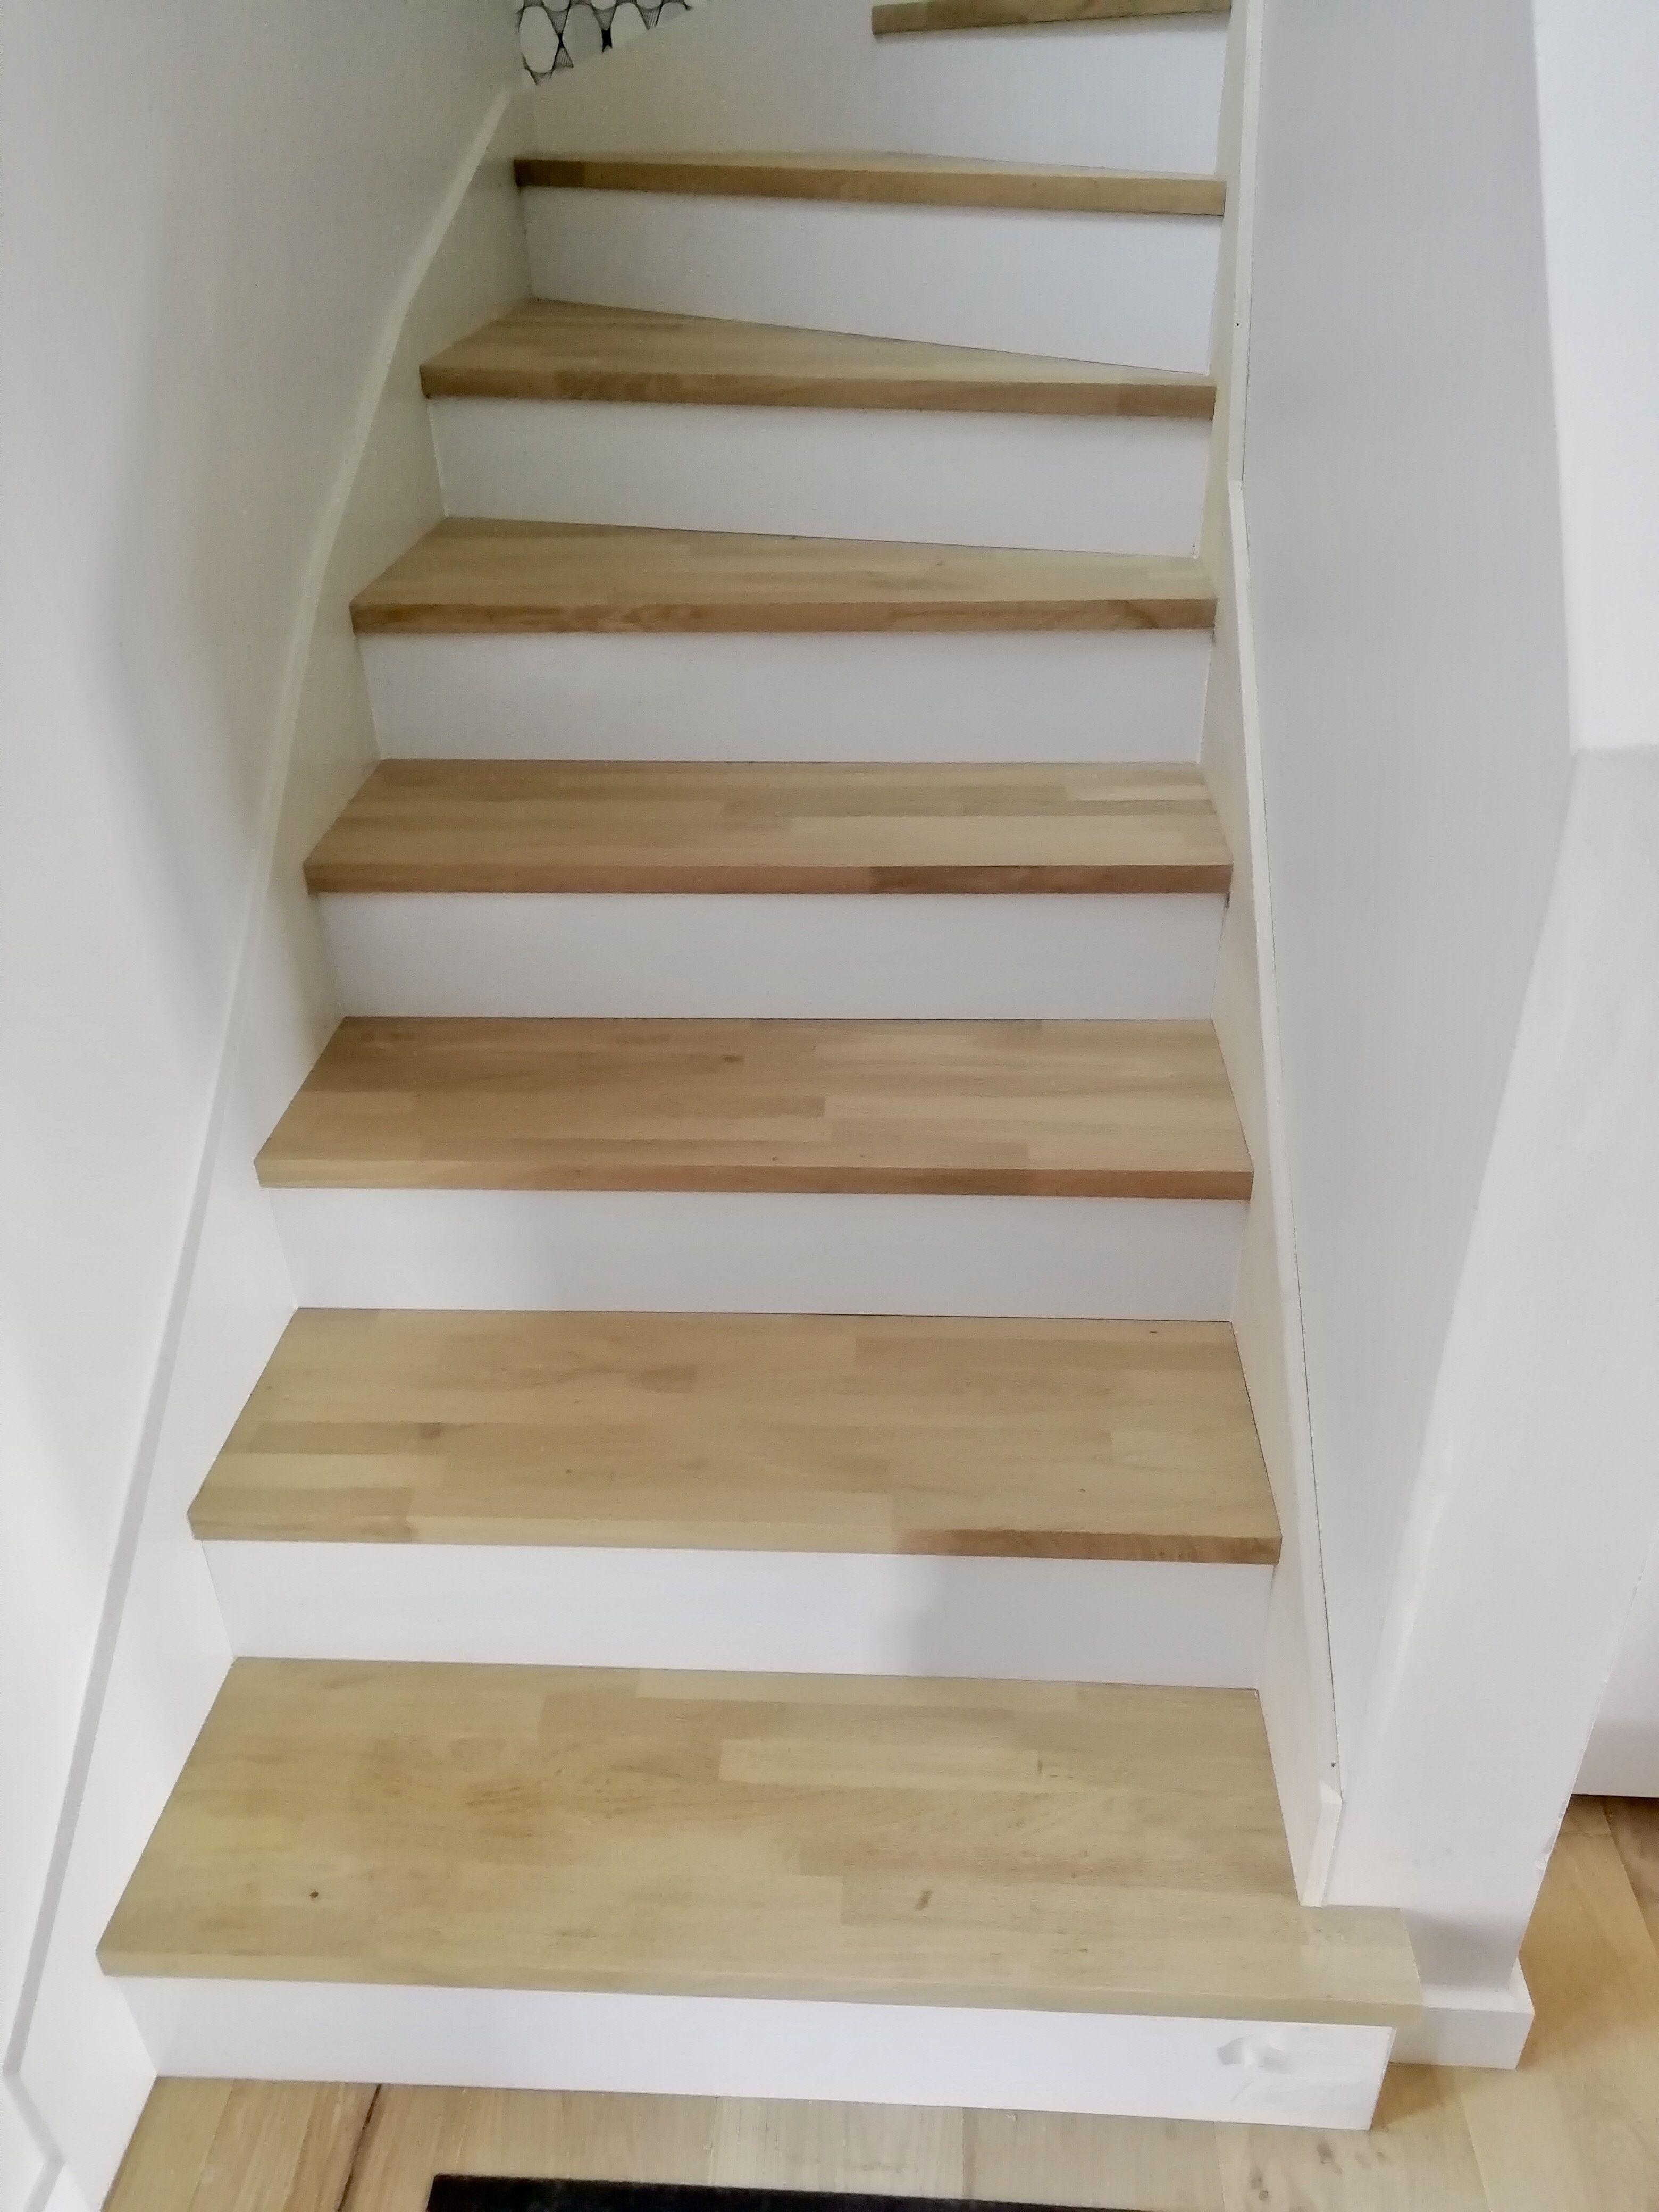 Habillage D Un Escalier Bois Avec Des Plateaux Massif Chene Lamelle Colle Recouvert D Un Fond Dur Pla Habillage Escalier Decoration Escalier Deco Entree Maison